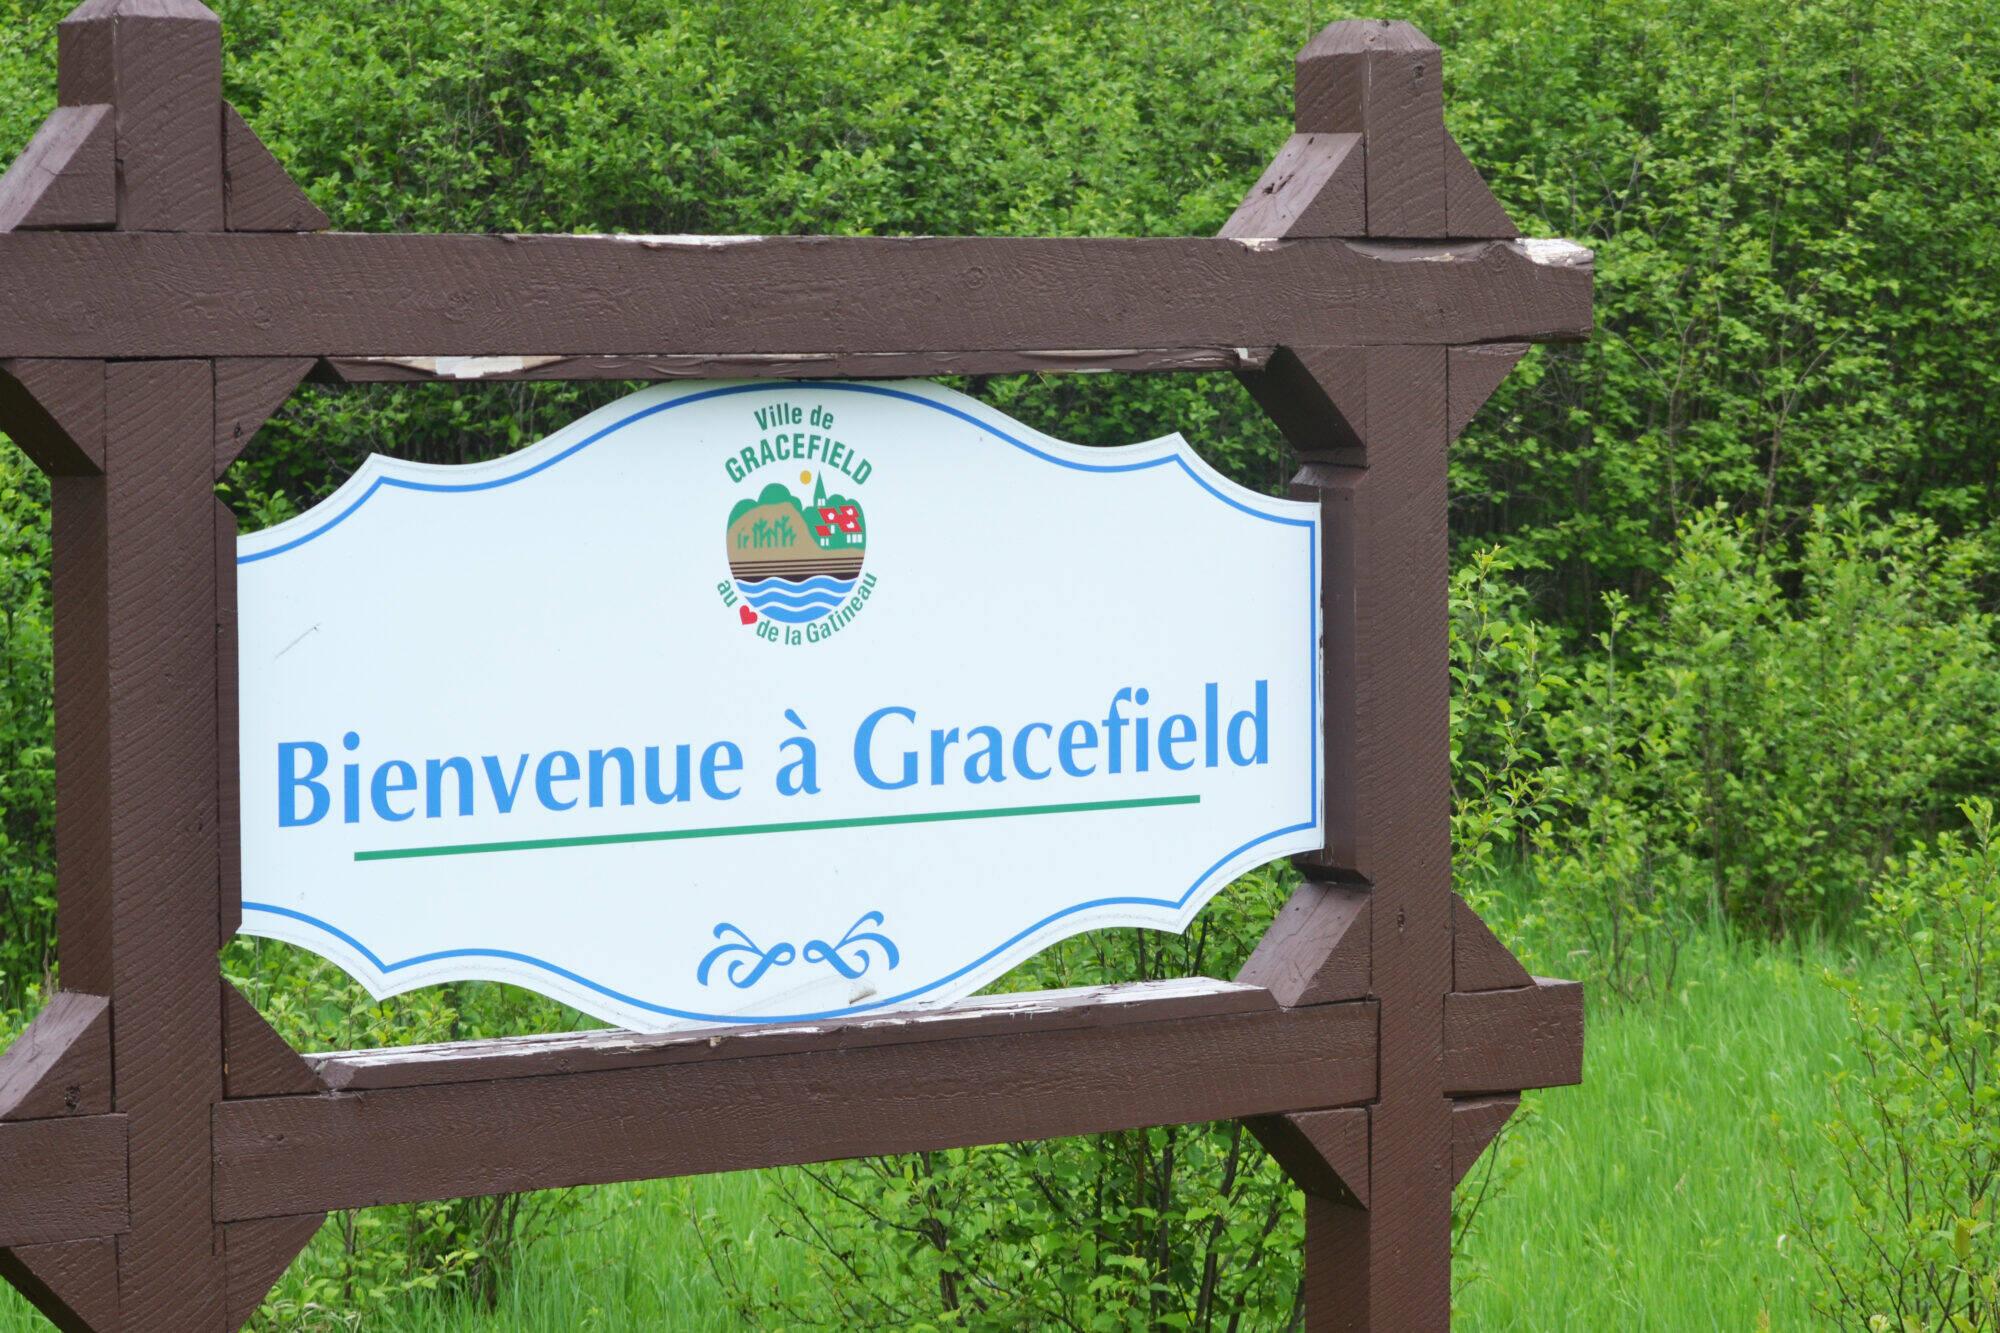 Bienvenue - Gracefield